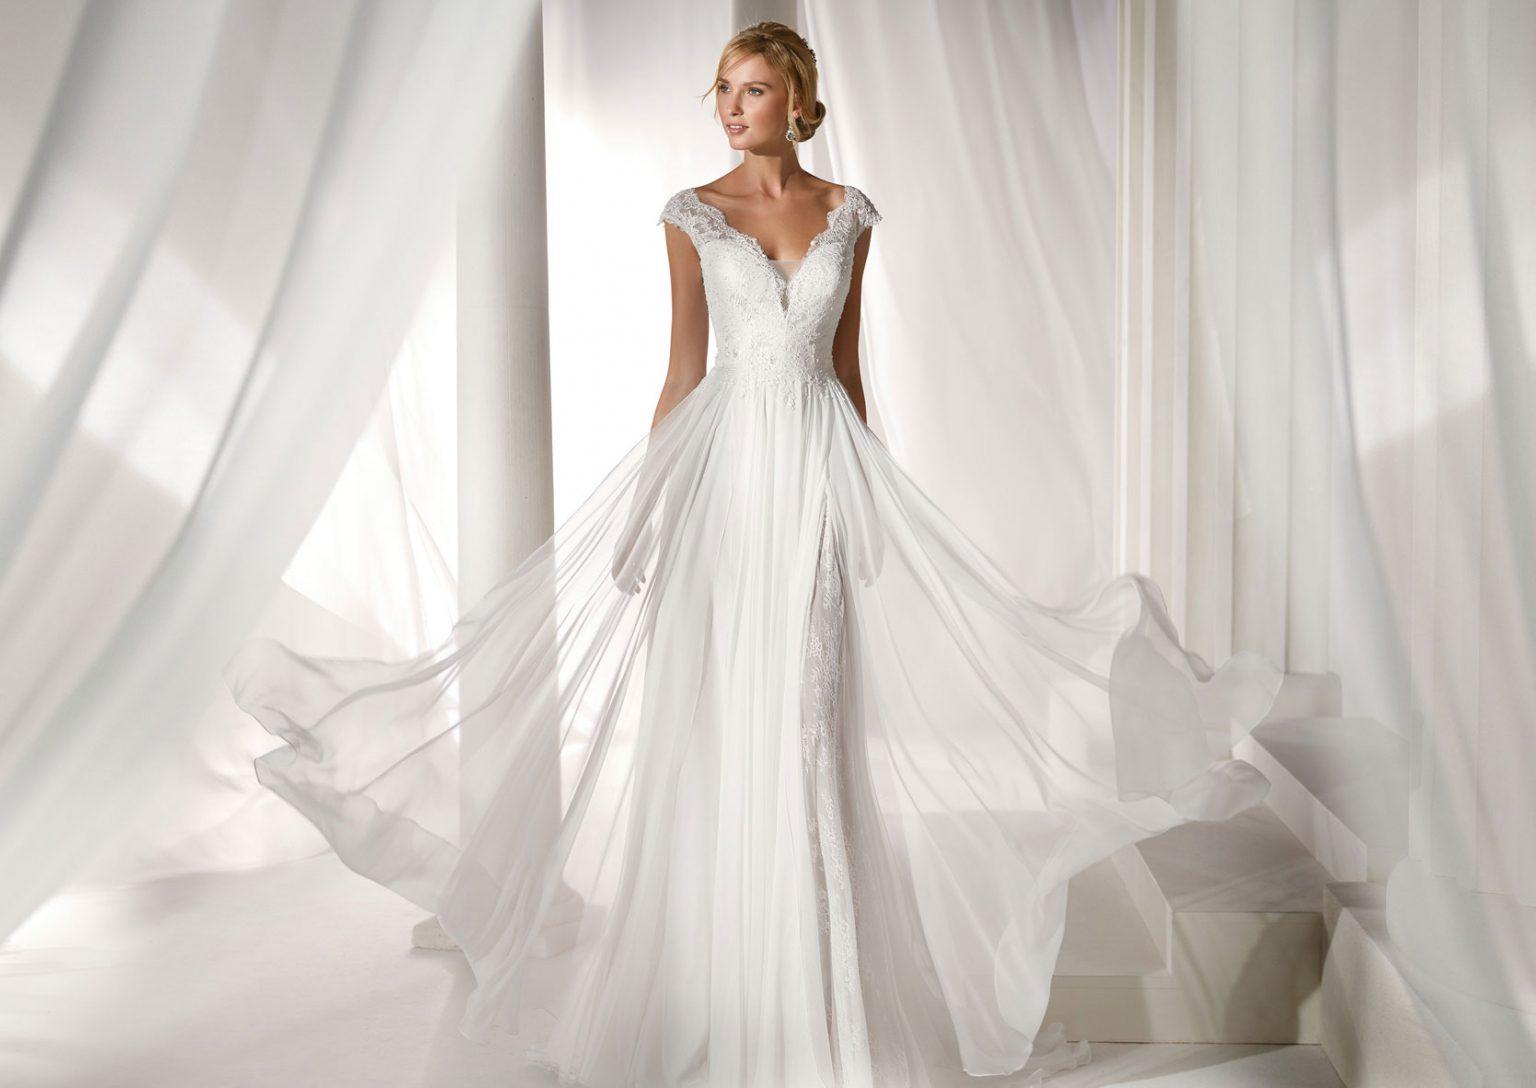 Brautmode  Brautkleider für Köln - Find Your Perfect Style